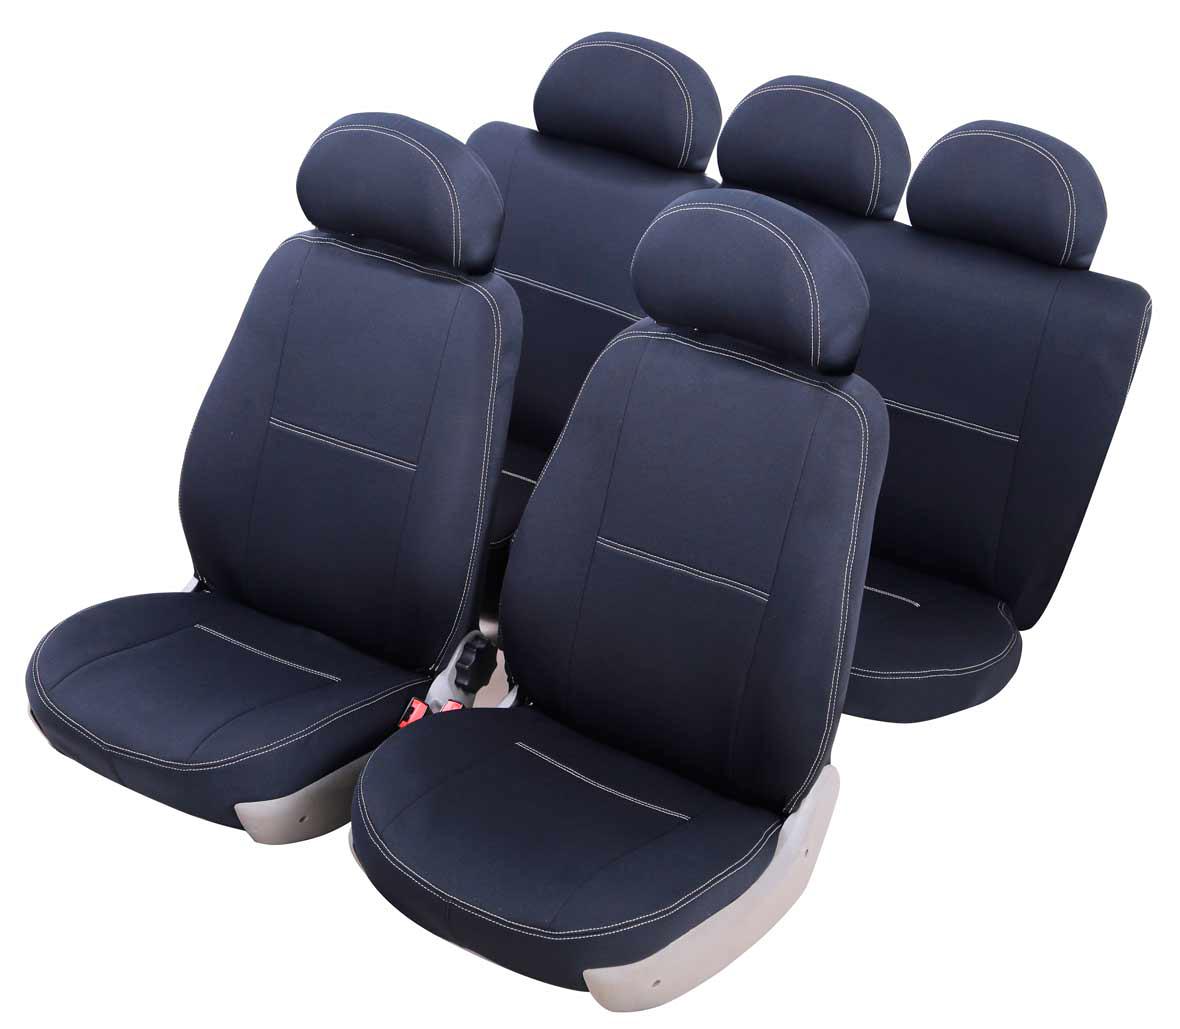 Чехол на автокресло Azard Standard для Renault Sandero (2014-н.в), раздельный задний рядA4013561Модельные чехлы из полиэстера Azard Standard. Разработаны в РФ индивидуально для каждого автомобиля. Чехлы Azard Standard серийно выпускаются на собственном швейном производстве в России. Чехлы идеально повторяют штатную форму сидений и выглядят как оригинальная обивка сидений. Для простоты установки используется липучка Velcro, учтены все технологические отверстия. Чехлы сохраняют полную функциональность салона - трансформация сидений, возможность установки детских кресел ISOFIX, не препятствуют работе подушек безопасности AIRBAG и подогрева сидений. Дизайн чехлов Azard Standard приближен к оригинальной обивке салона. Декоративная контрастная прострочка по периметру авточехлов придает стильный и изысканный внешний вид интерьеру автомобиля. Чехлы Azard Standard изготовлены из полиэстера, триплированного огнеупорным поролоном толщиной 3 мм, за счет чего чехол приобретает дополнительную мягкость. Подложка из спандбонда сохраняет свойства поролона и...